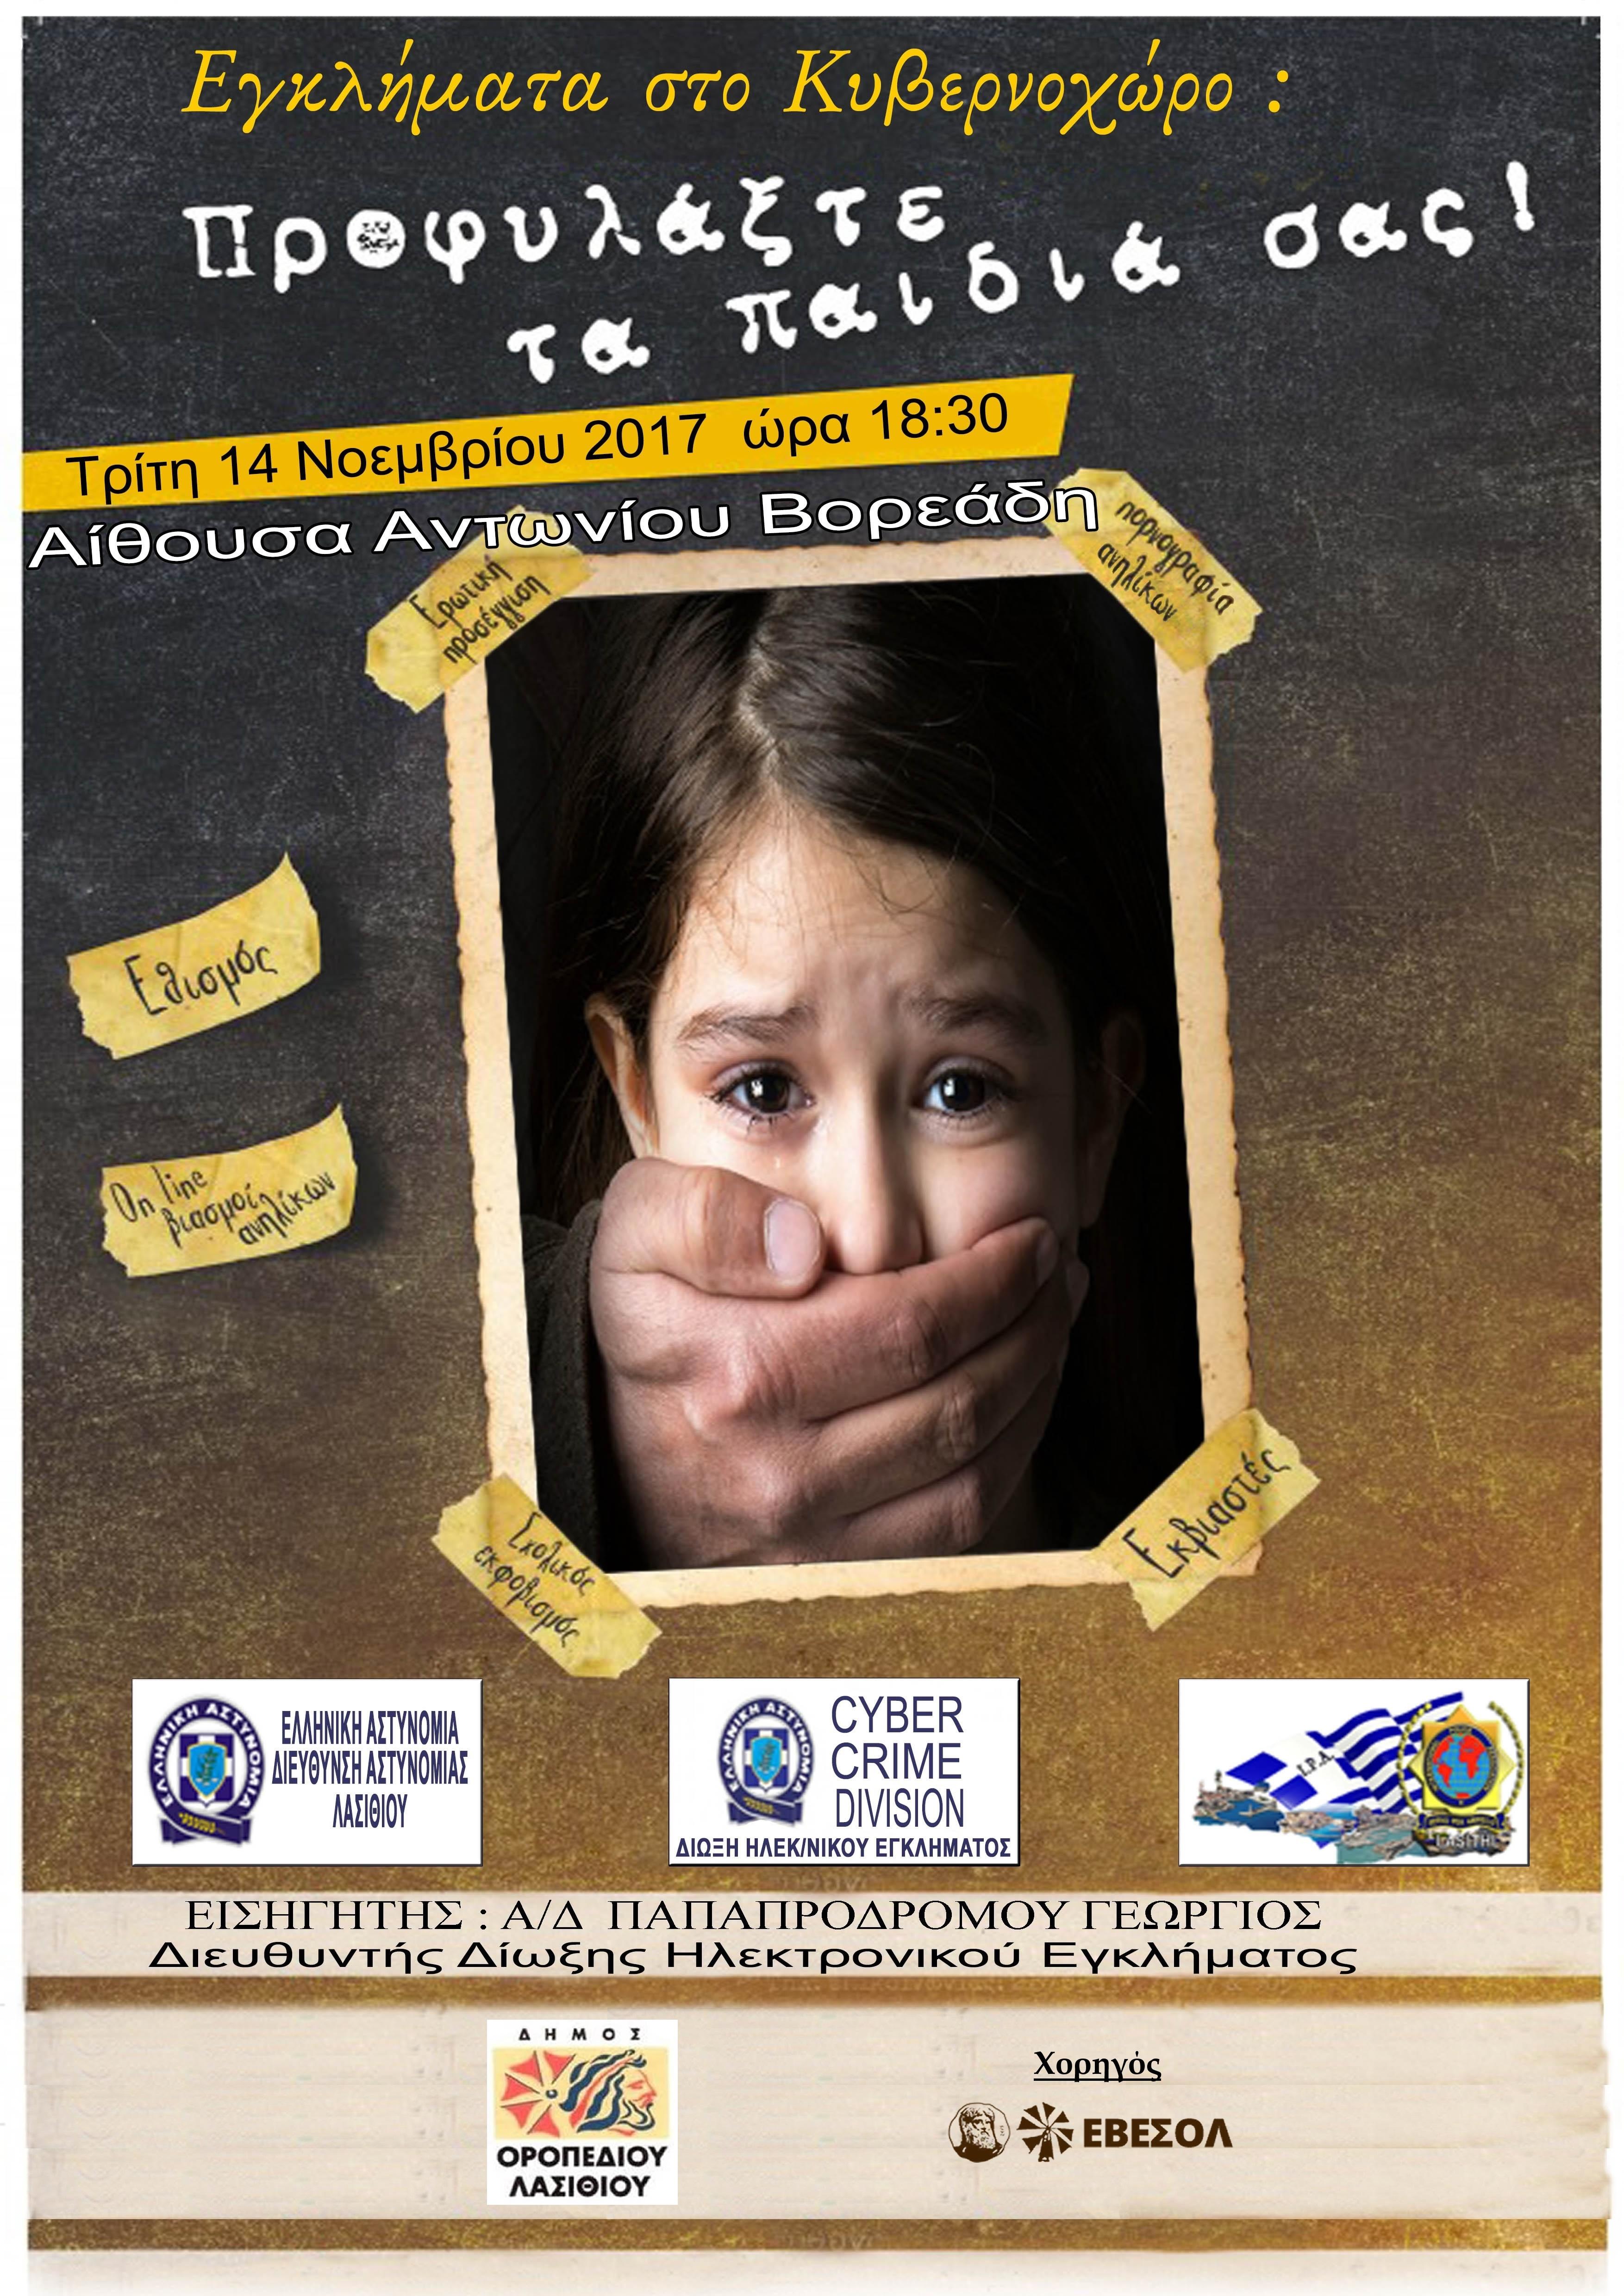 Εγκλήματα στο κυβερνοχώρο - Προφυλάξτε τα παιδιά σας